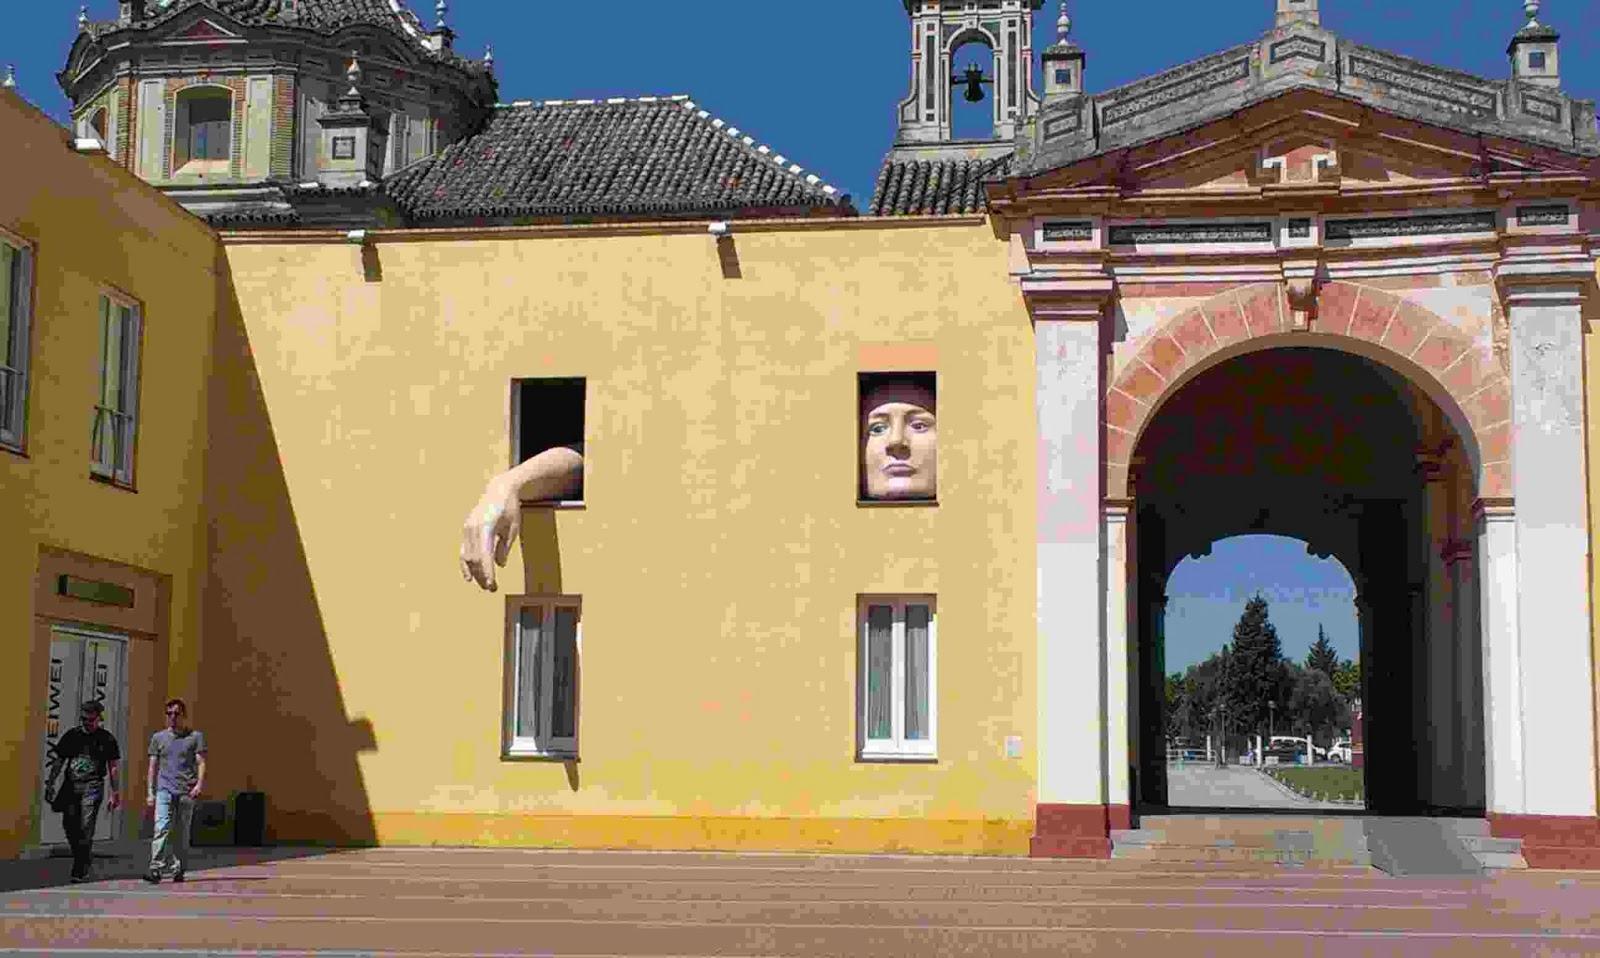 El portal de susana la magia del monasterio de la cartuja - La isla dela cartuja ...